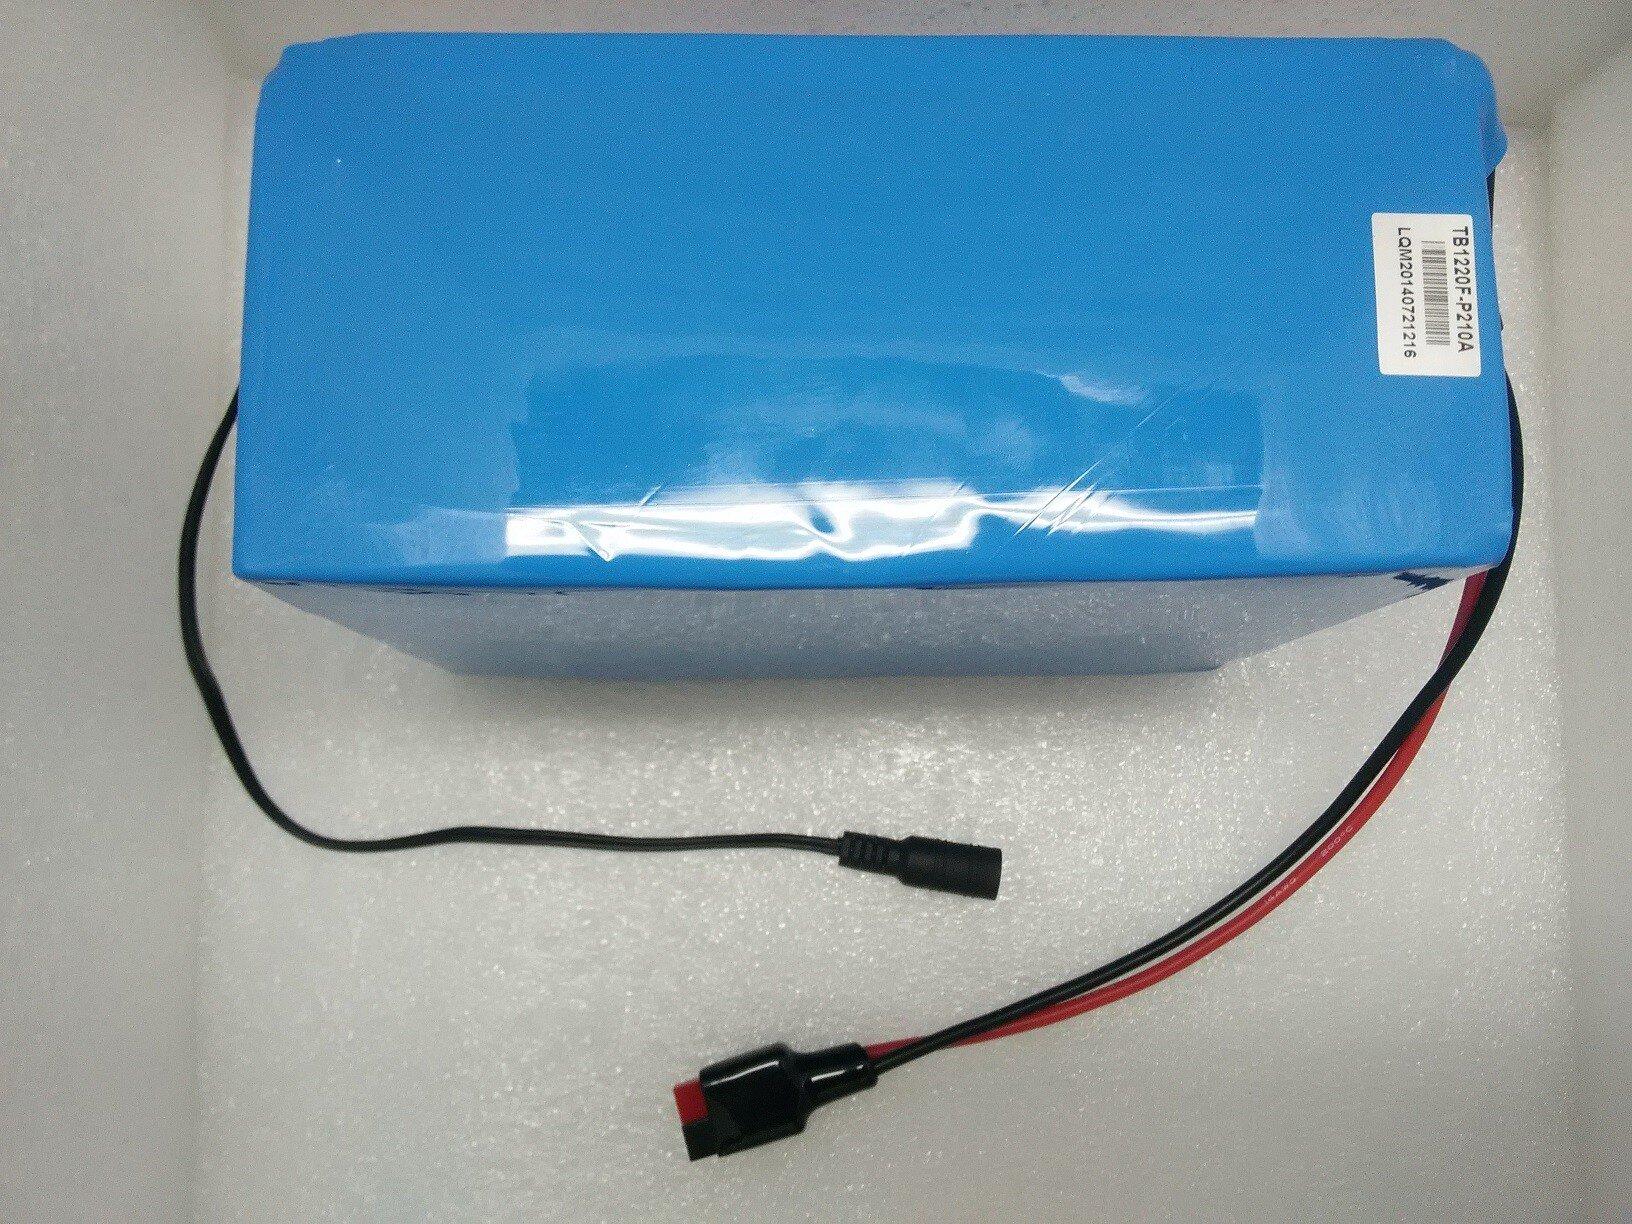 Pin Lithium Polymer sẽ bền hơn nếu sạc đúng cách